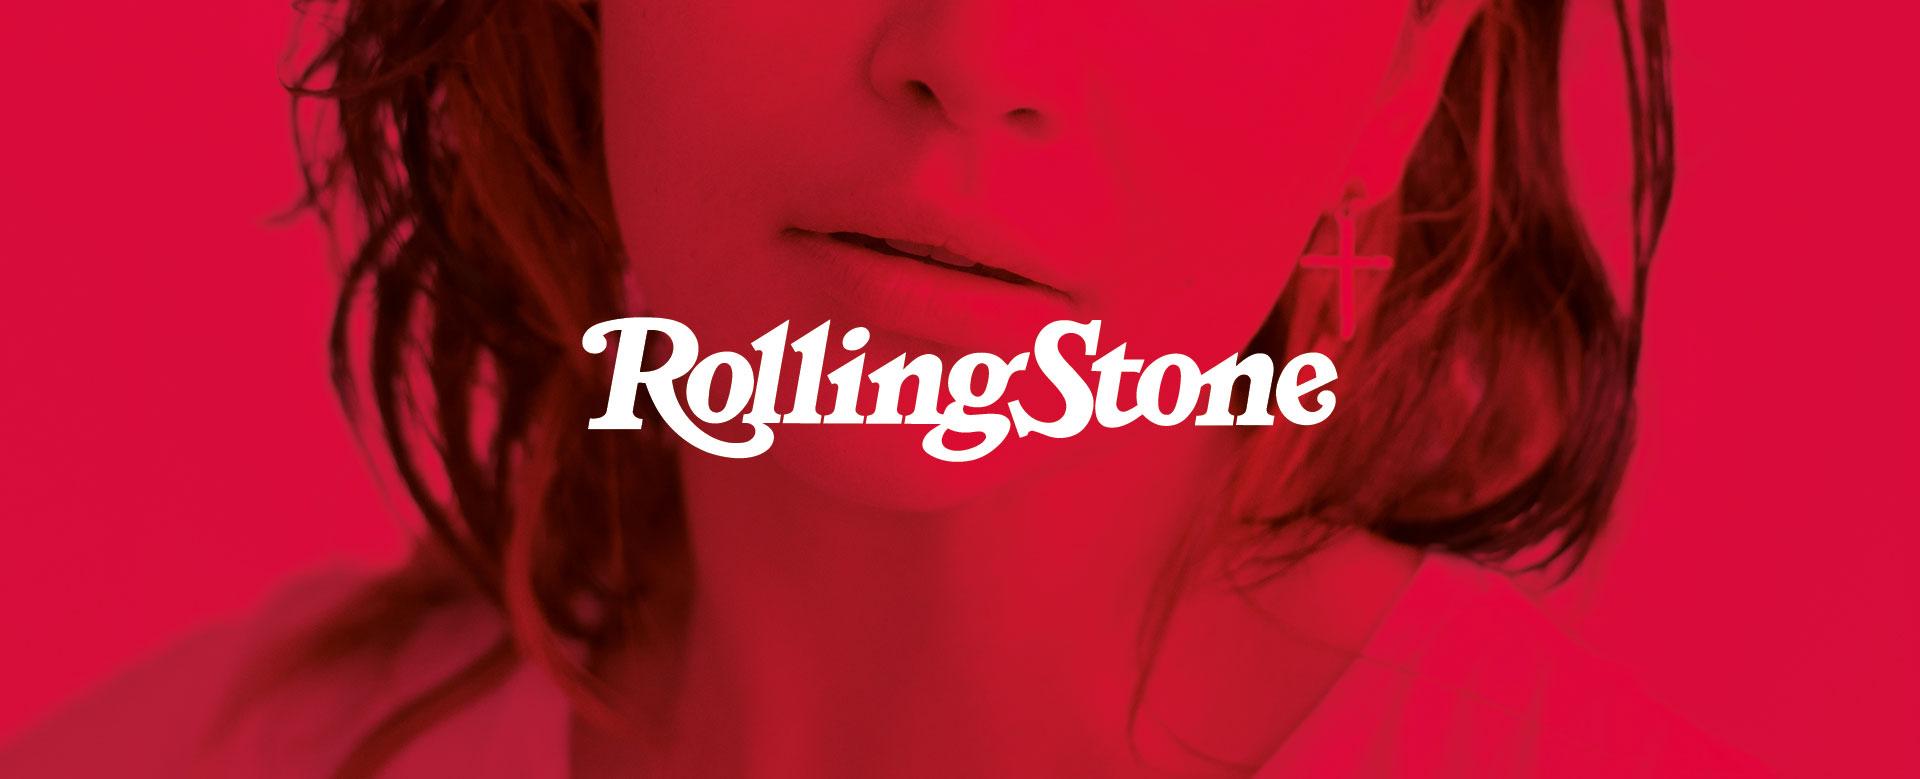 Rolling Stone Italia Bg